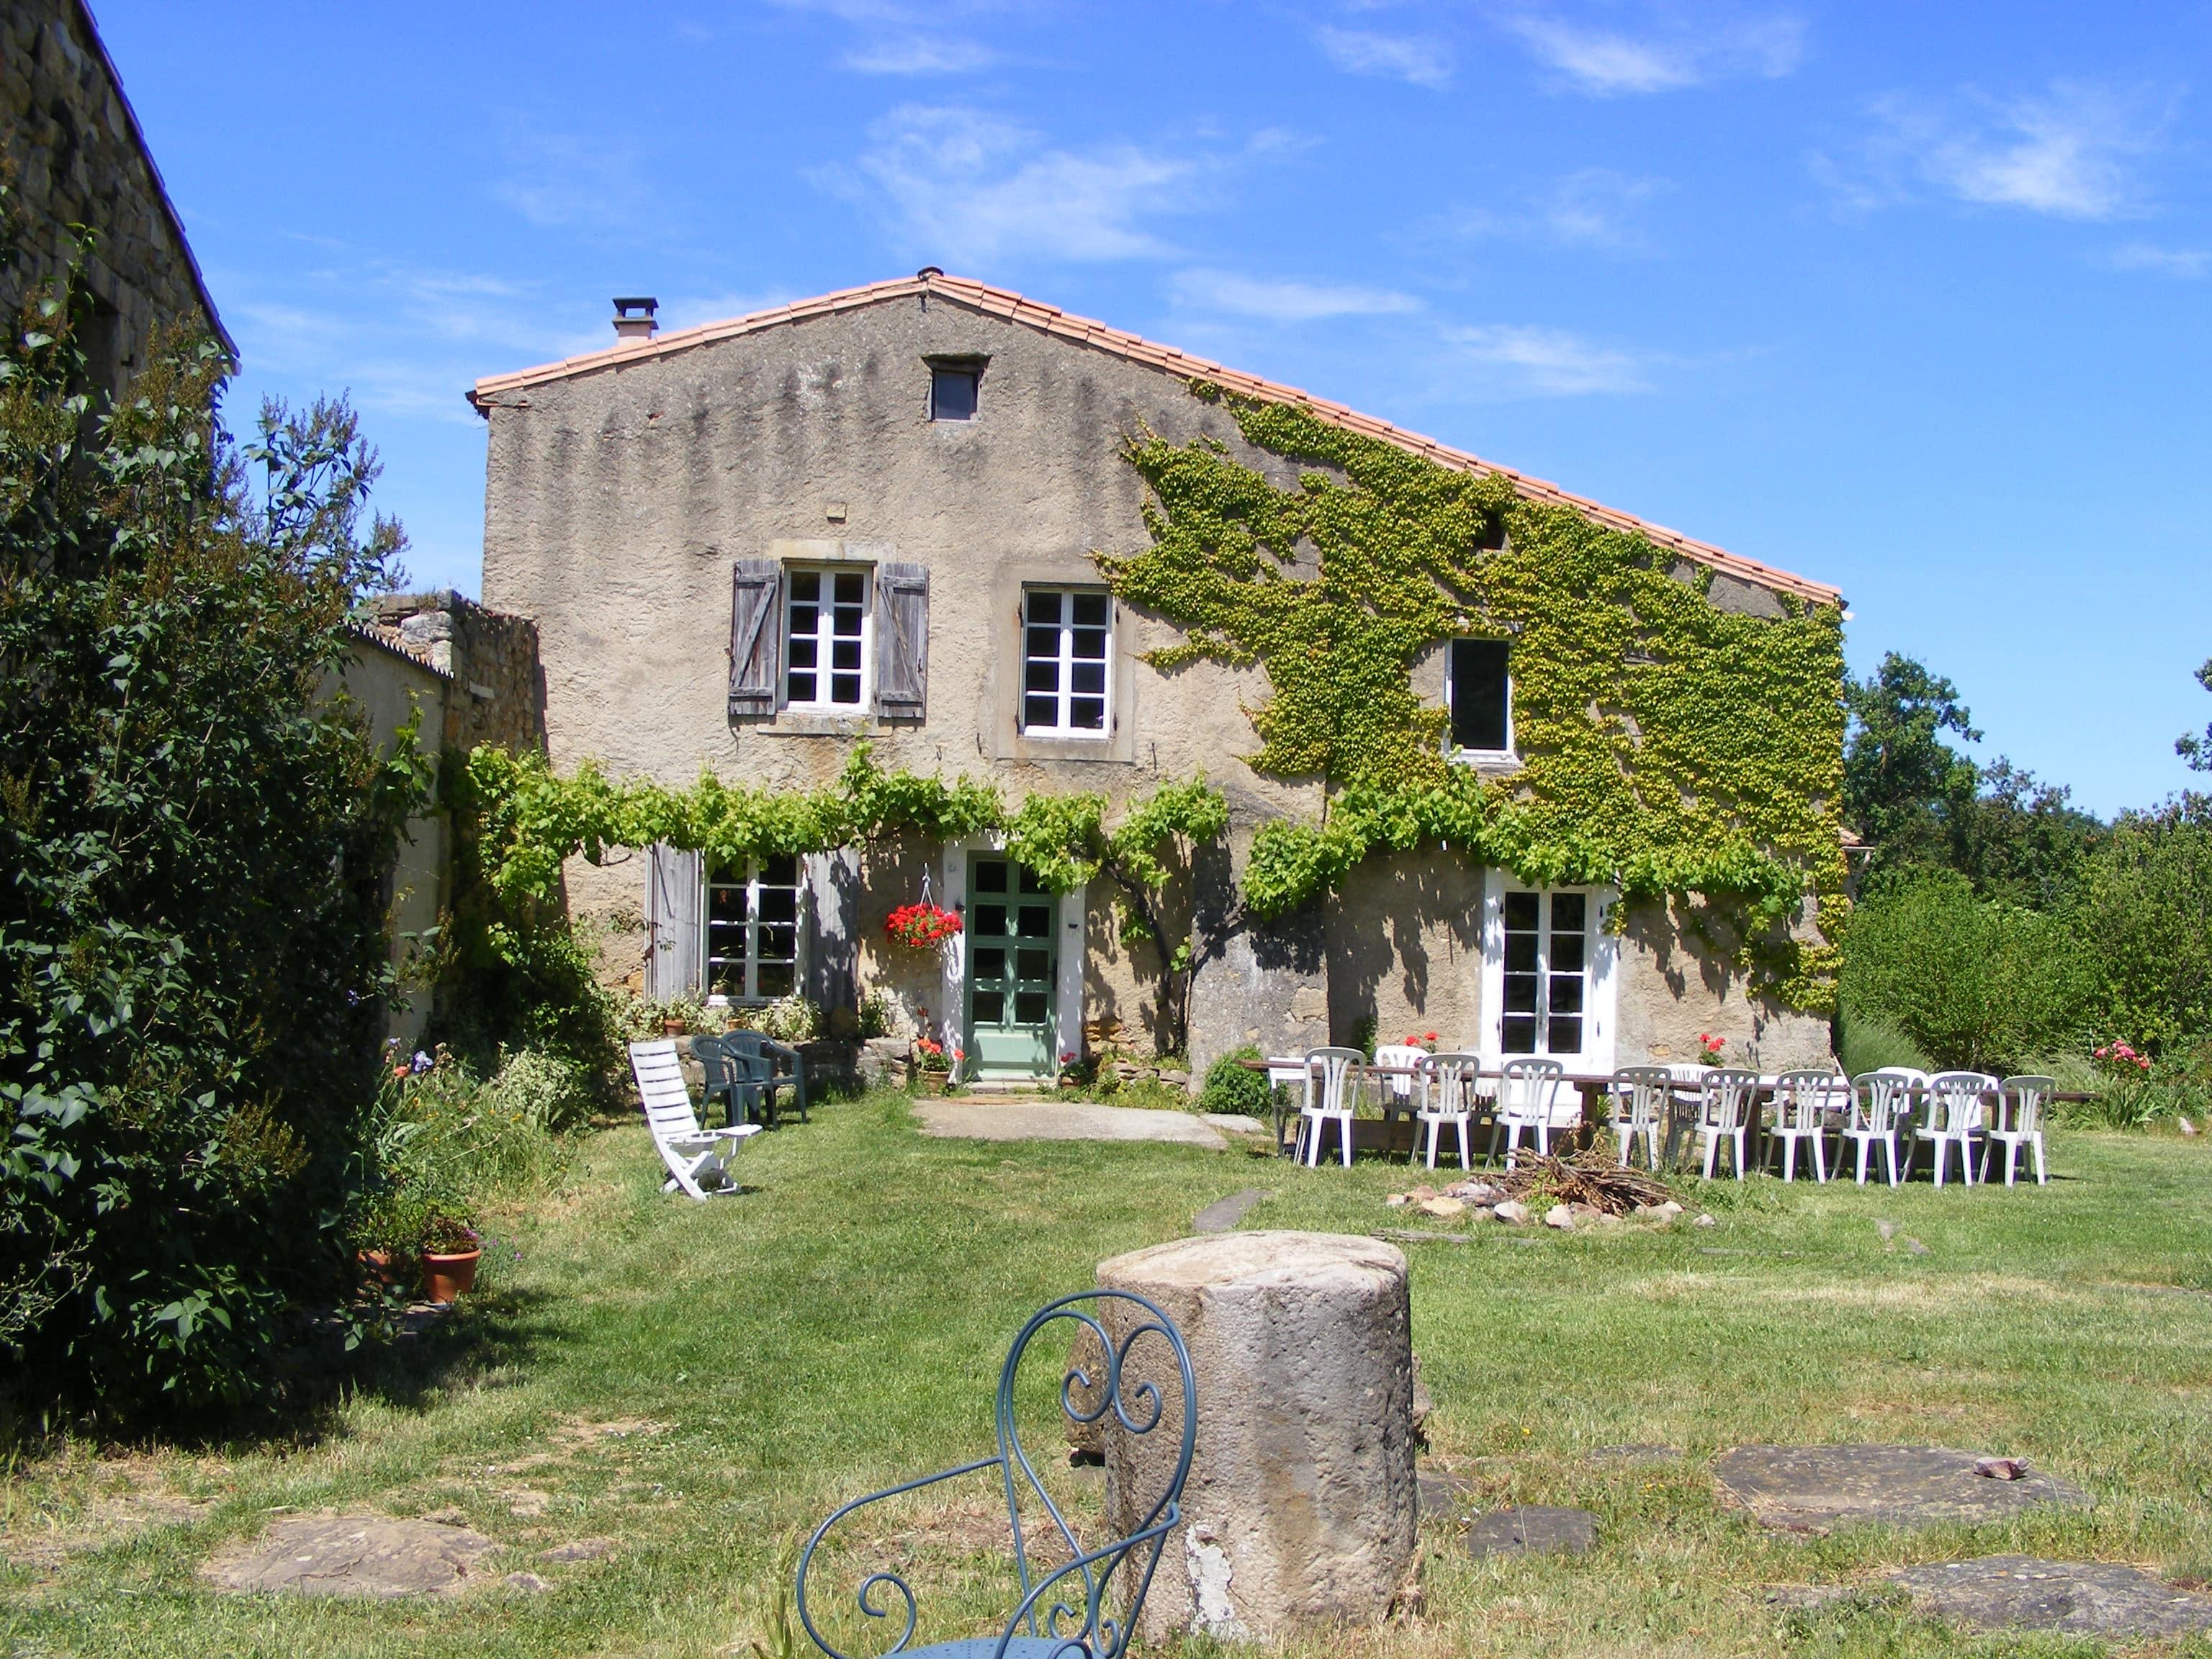 Les hébergements sur le village de Rennes le ch¢teau et ses